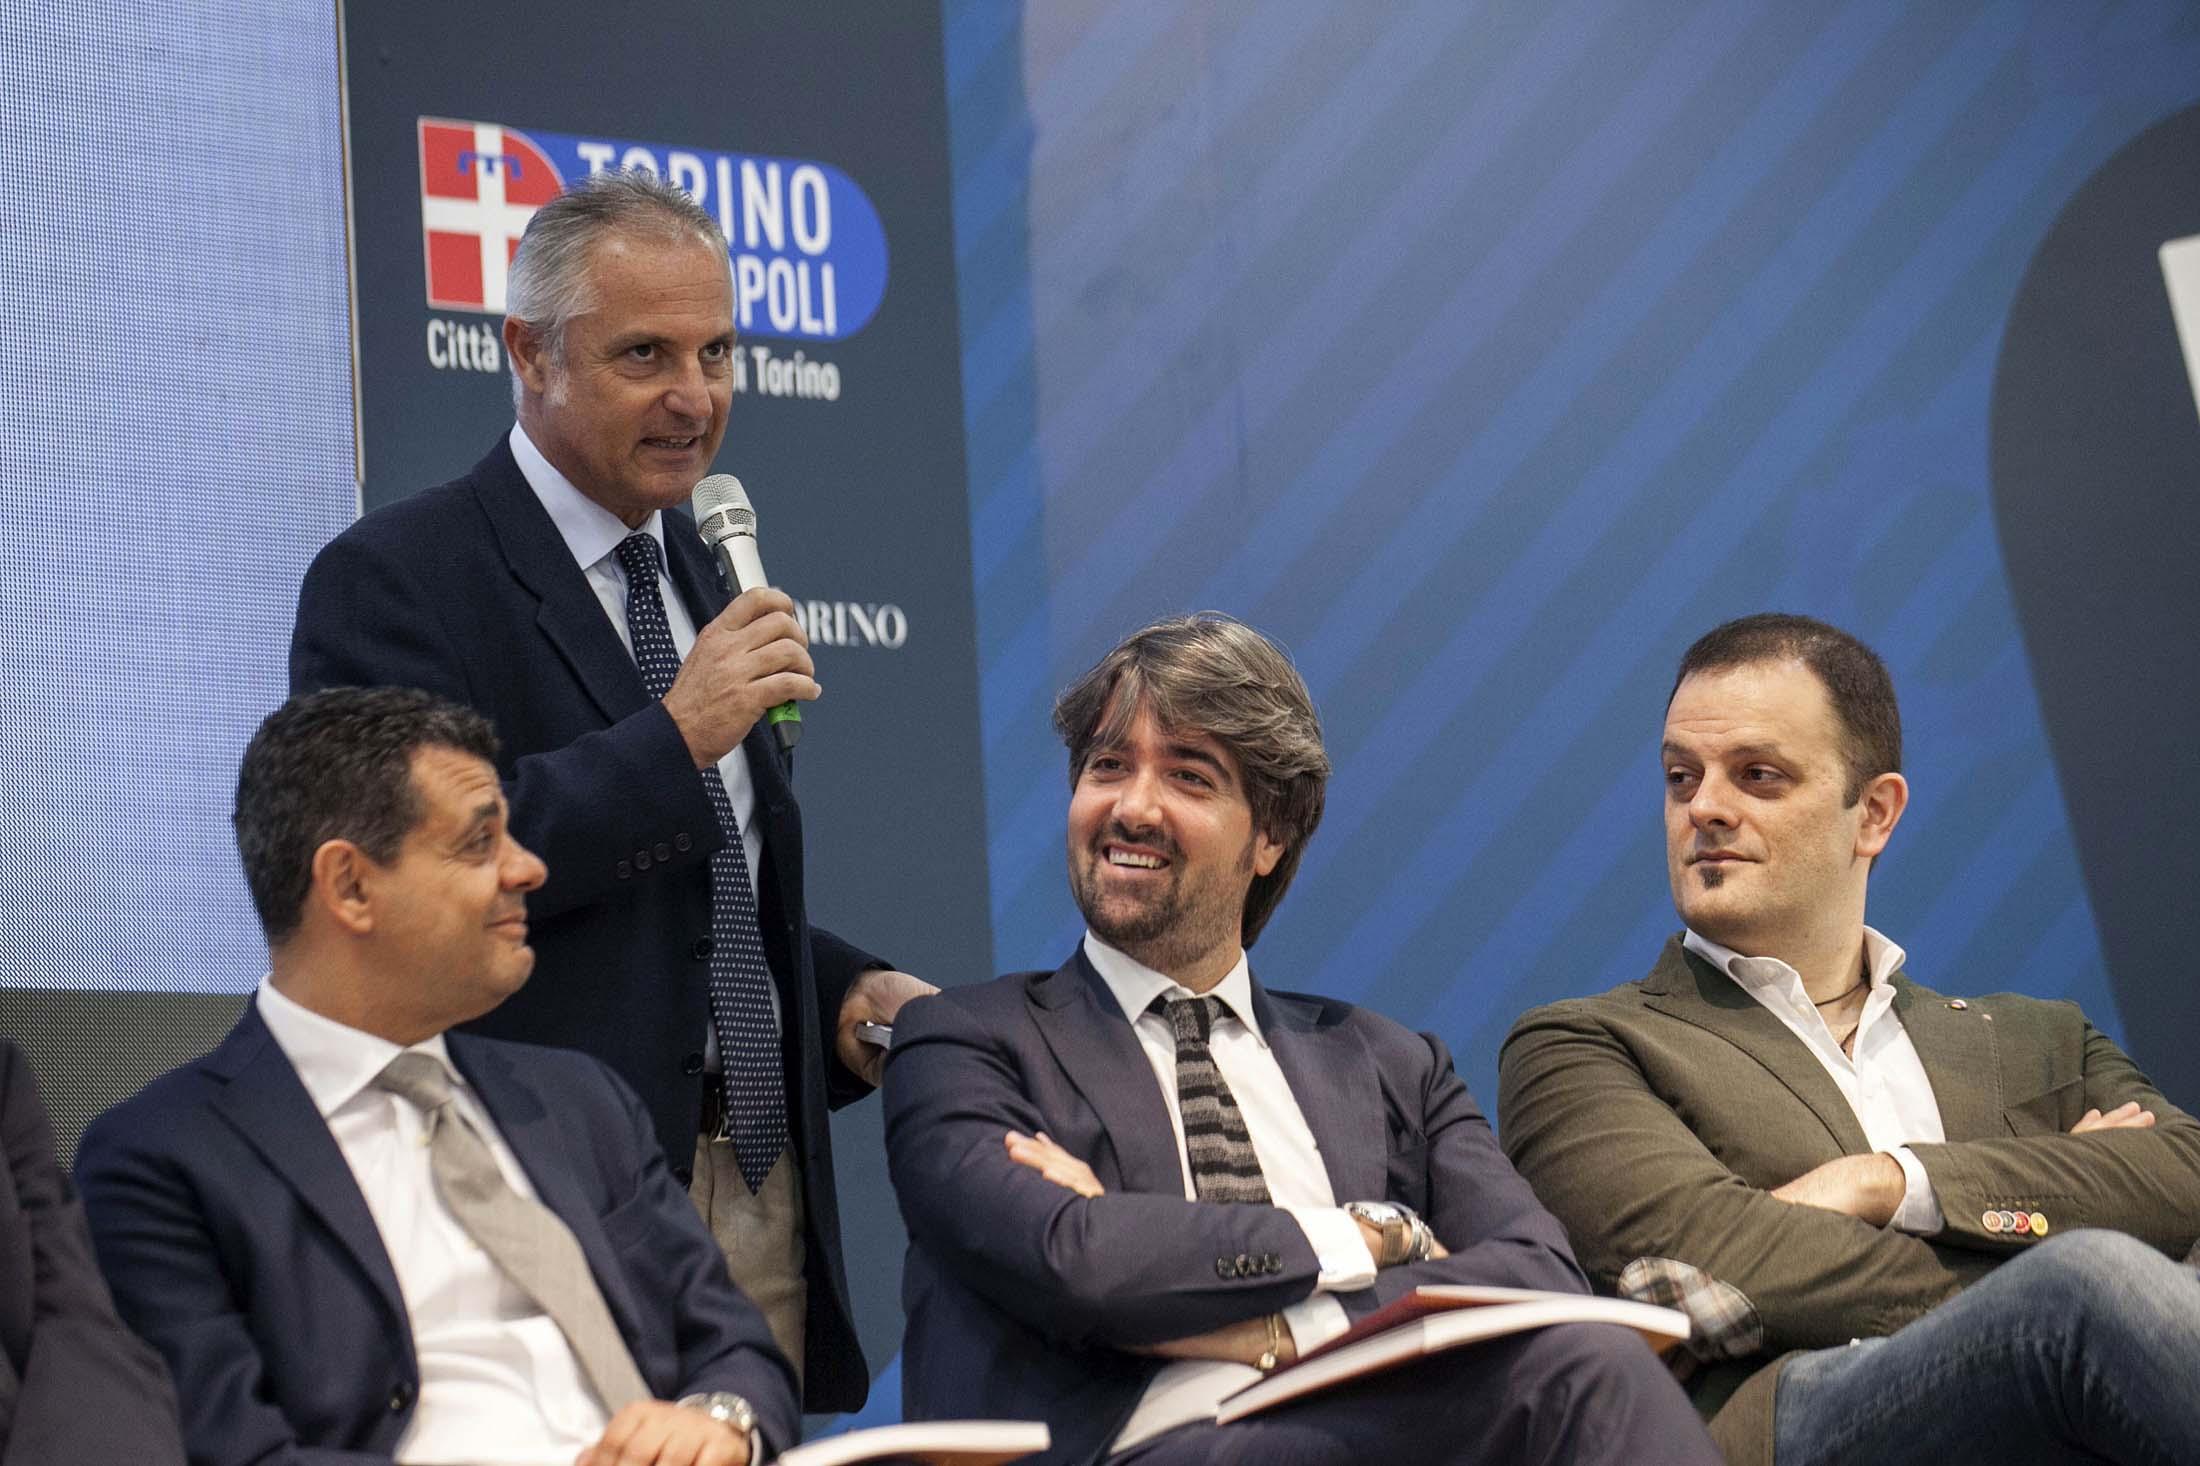 Salone-del-Libro-2015-26